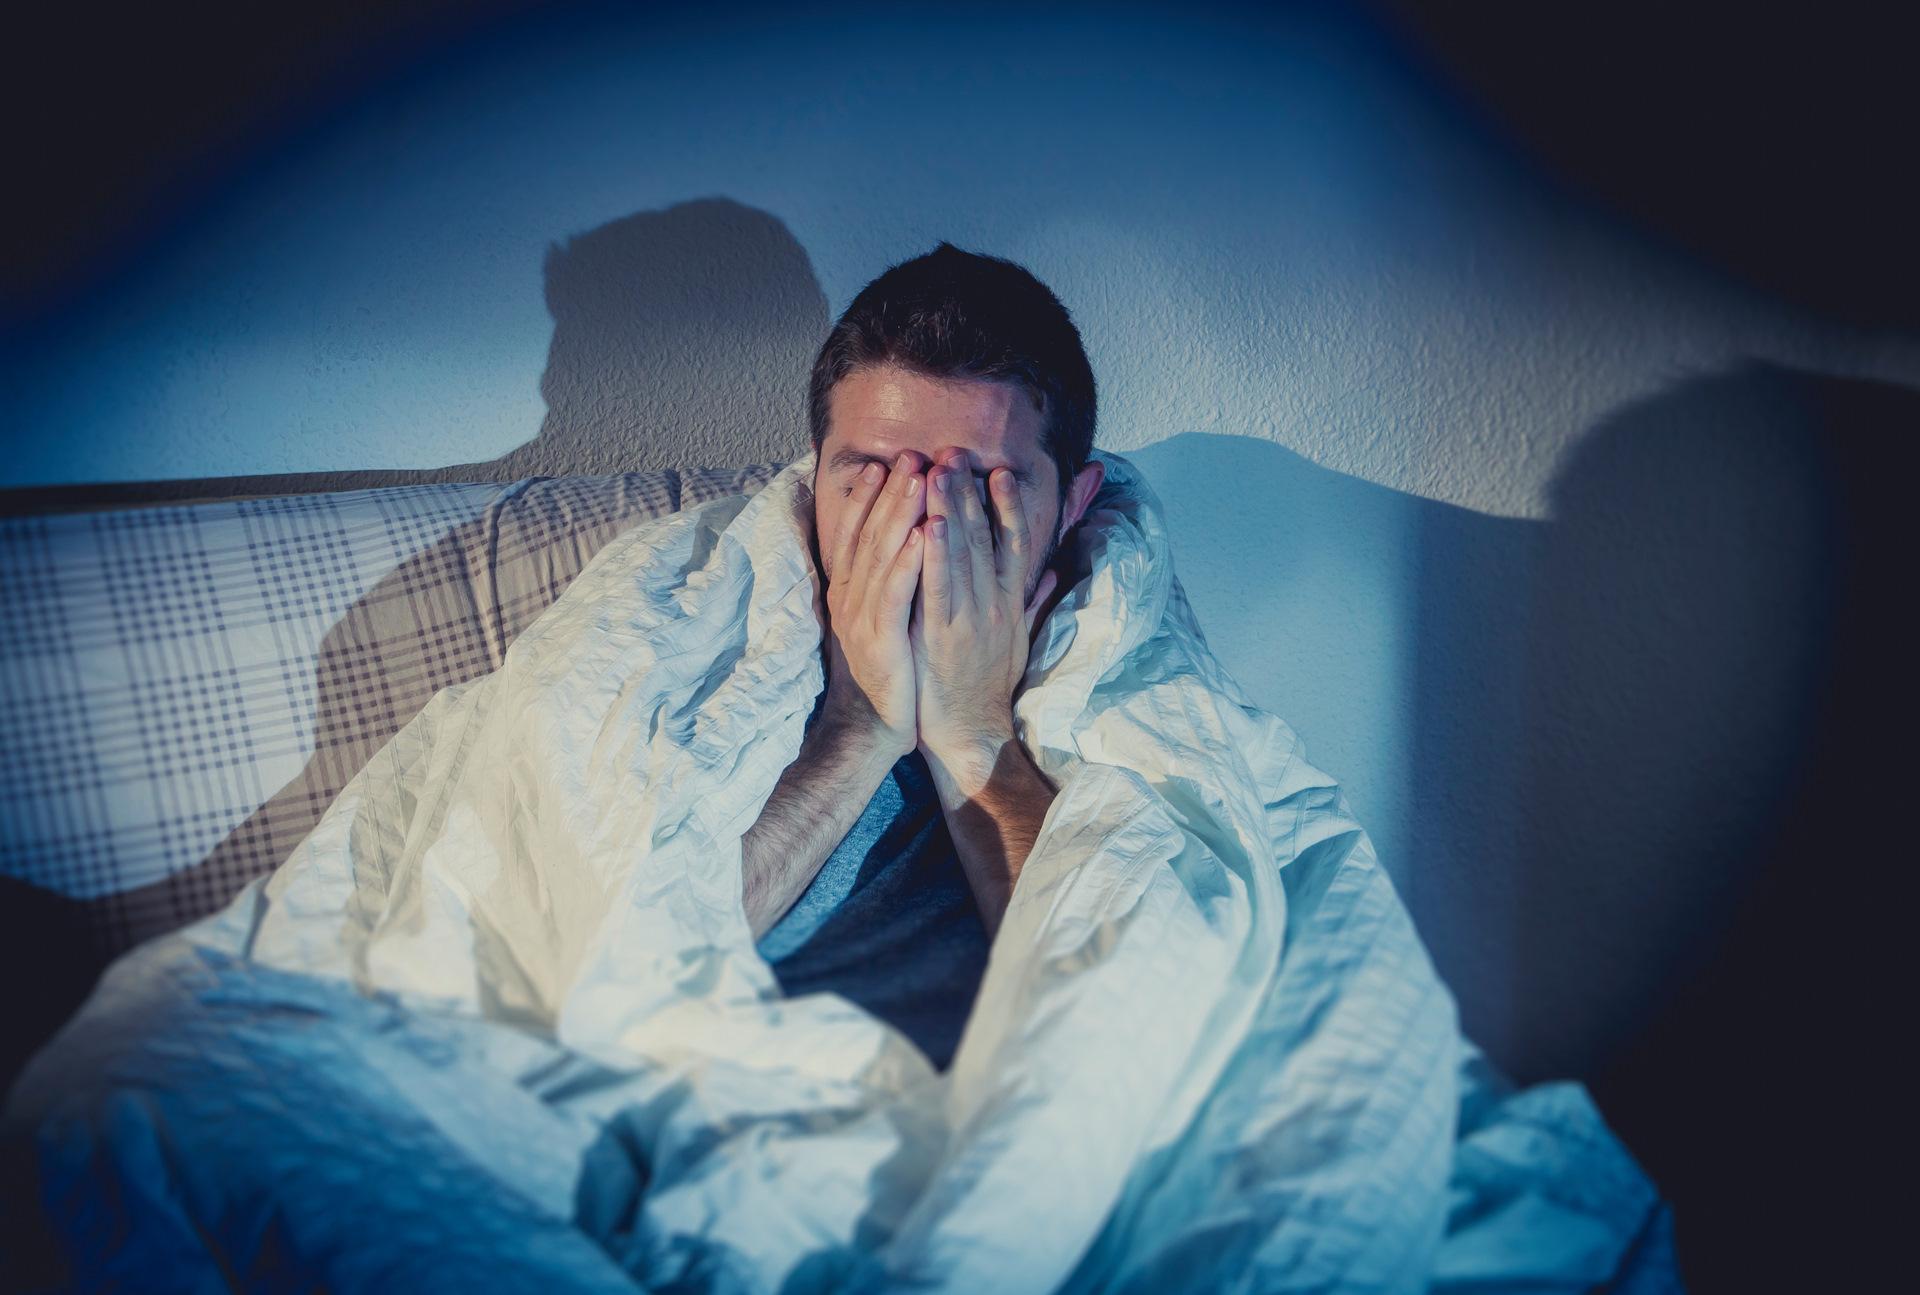 Лечение бессонницы при депрессии: антидепрессанты, народные средства, специальные таблетки